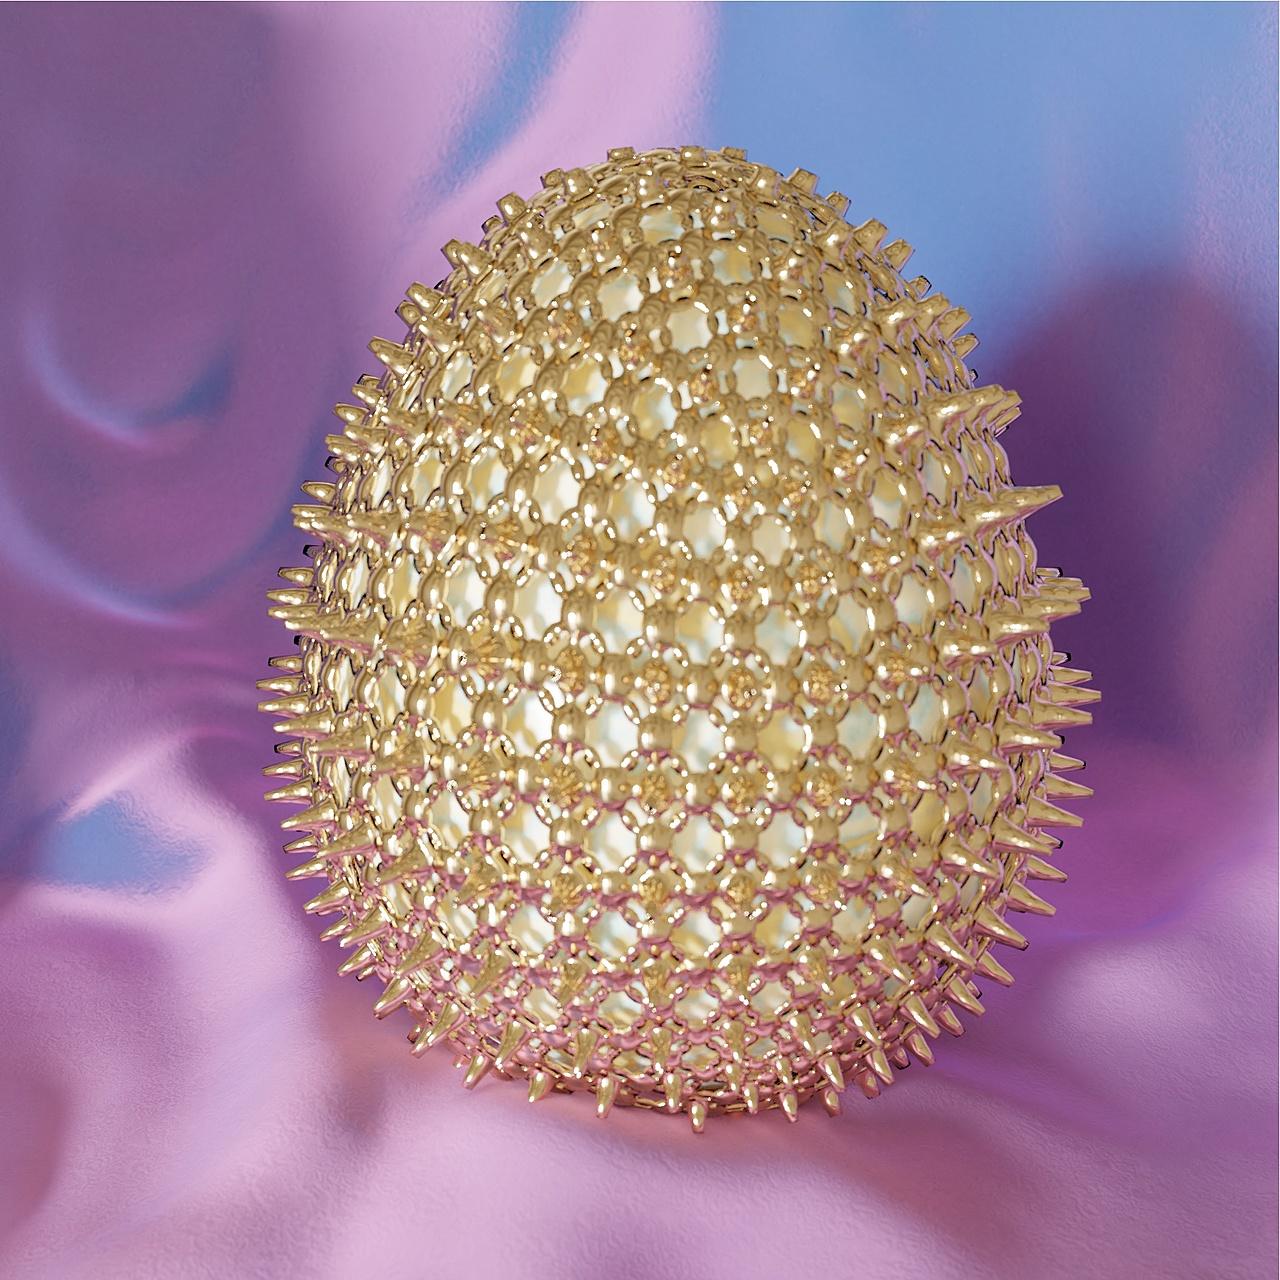 Tissue Eggs